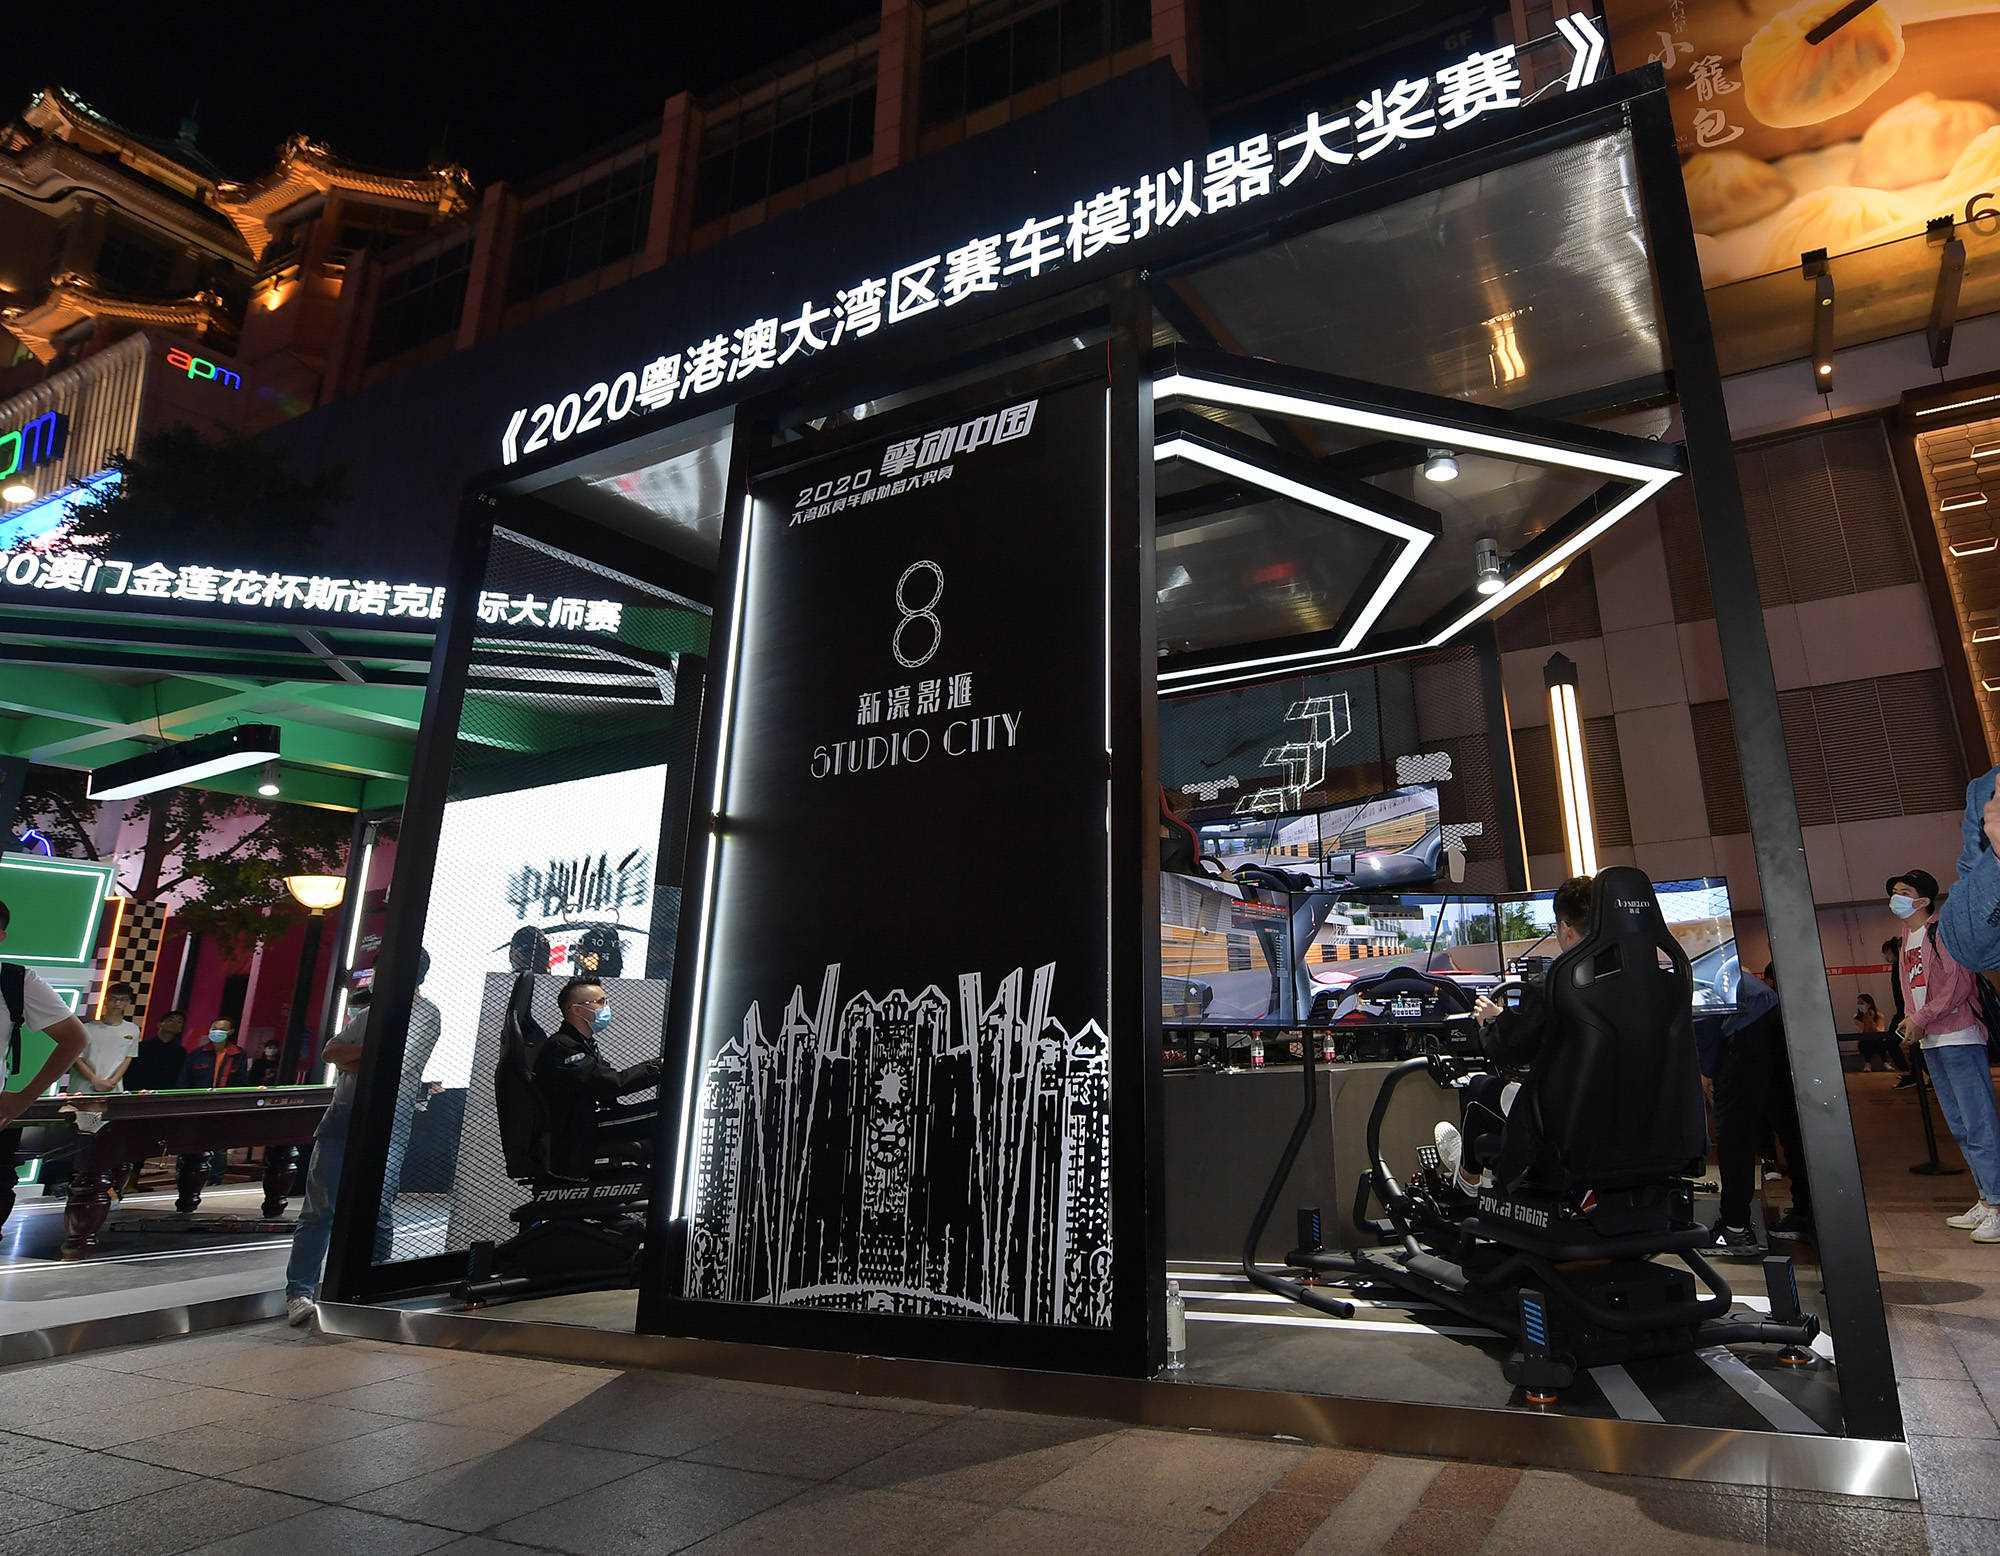 2020粤港澳大湾区赛车模拟器大奖赛发布活动